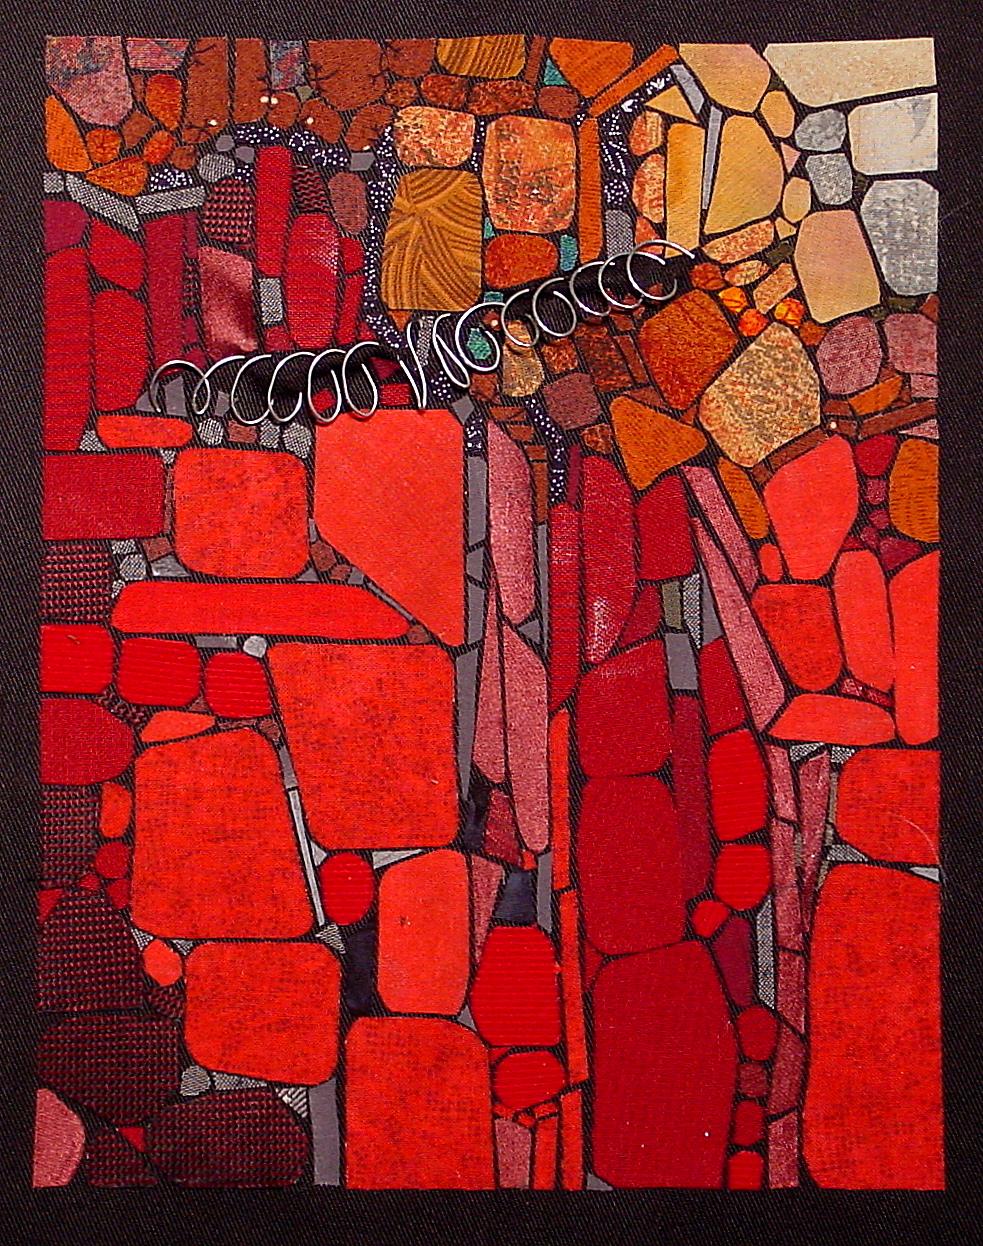 LORI MILLER  - Eldridge, IA   Geo #4 - Red Rocks   fiber and found objects